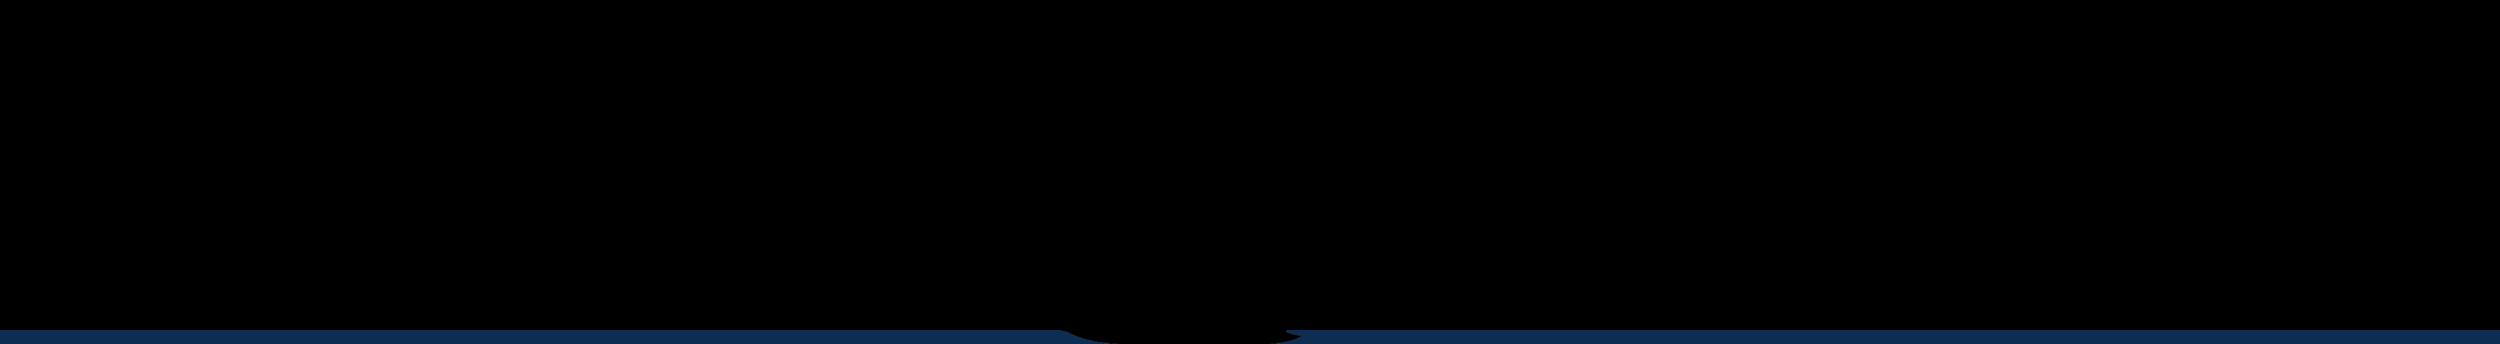 MM_logo2018_blue295_large.png